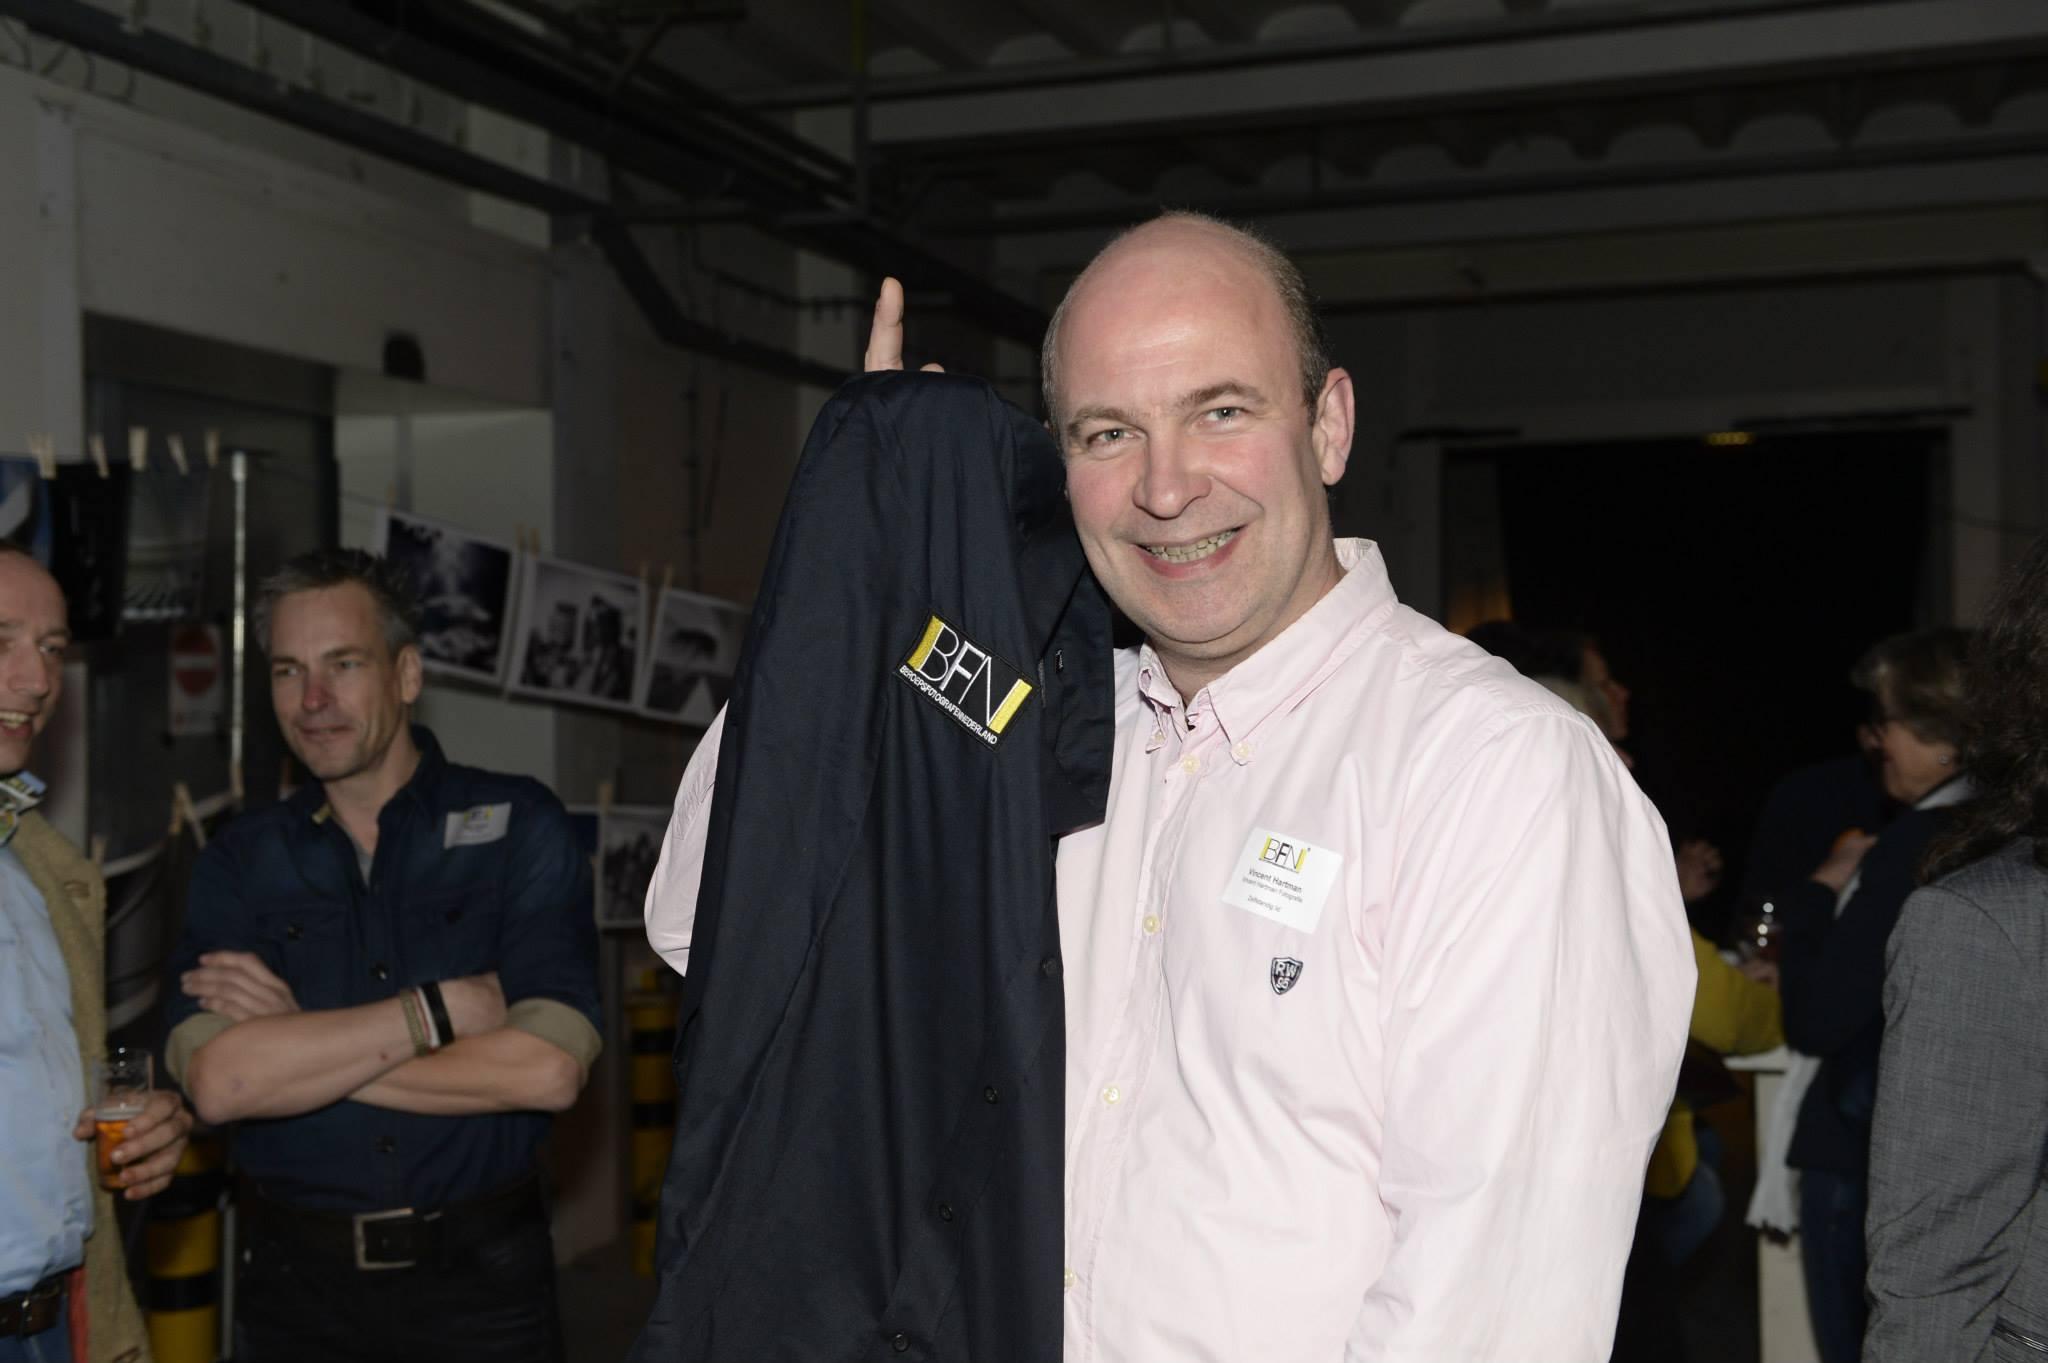 Op de geslaagde slotavond van de BFN in 'de Nieuwe Stad' te Amersfoort scoor ik op de valreep nog een BFN overhemd (die nog past ook!).